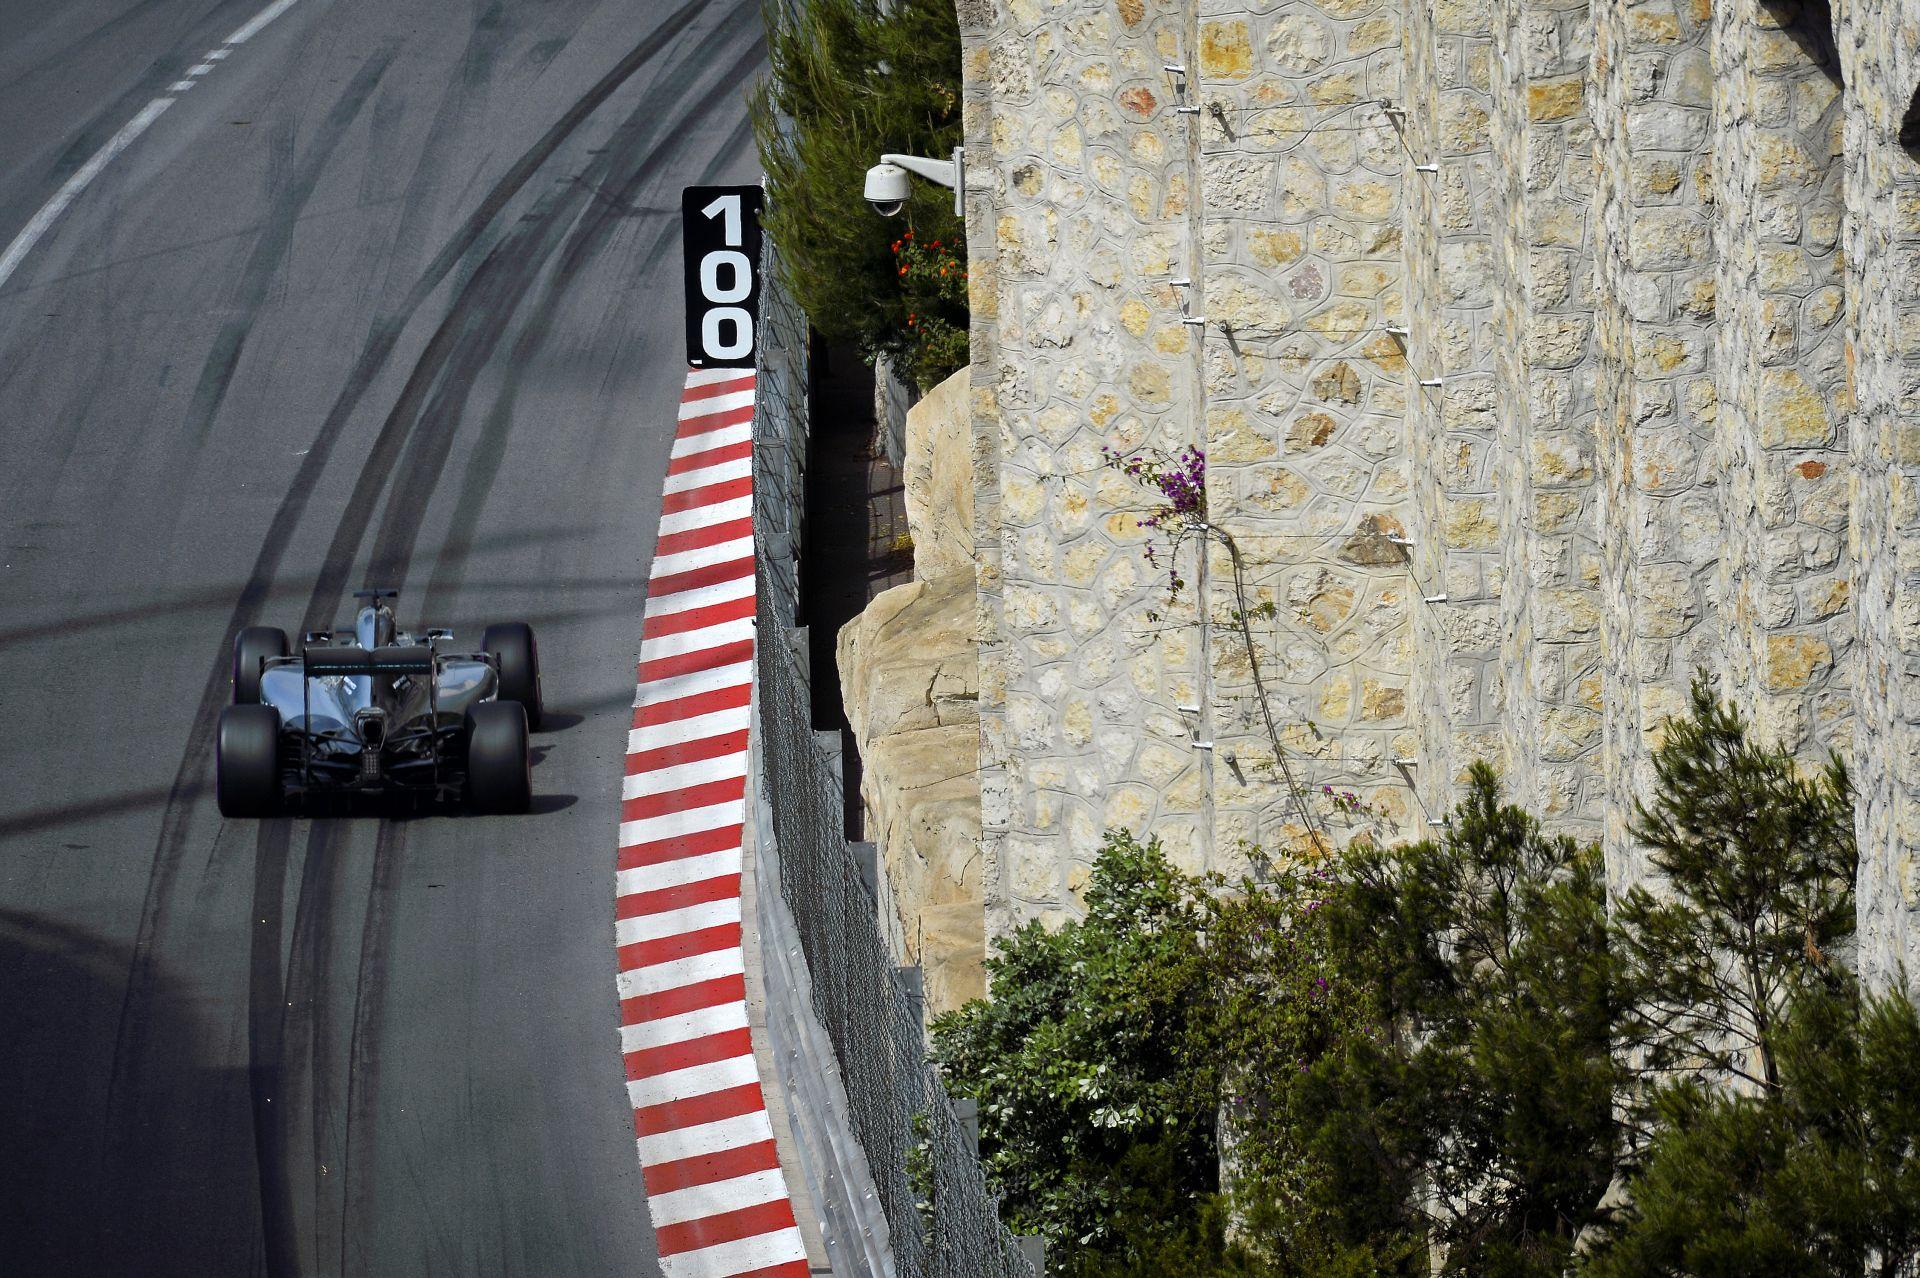 Biztonsági óvintézkedések Monacóban a Forma-1 miatt